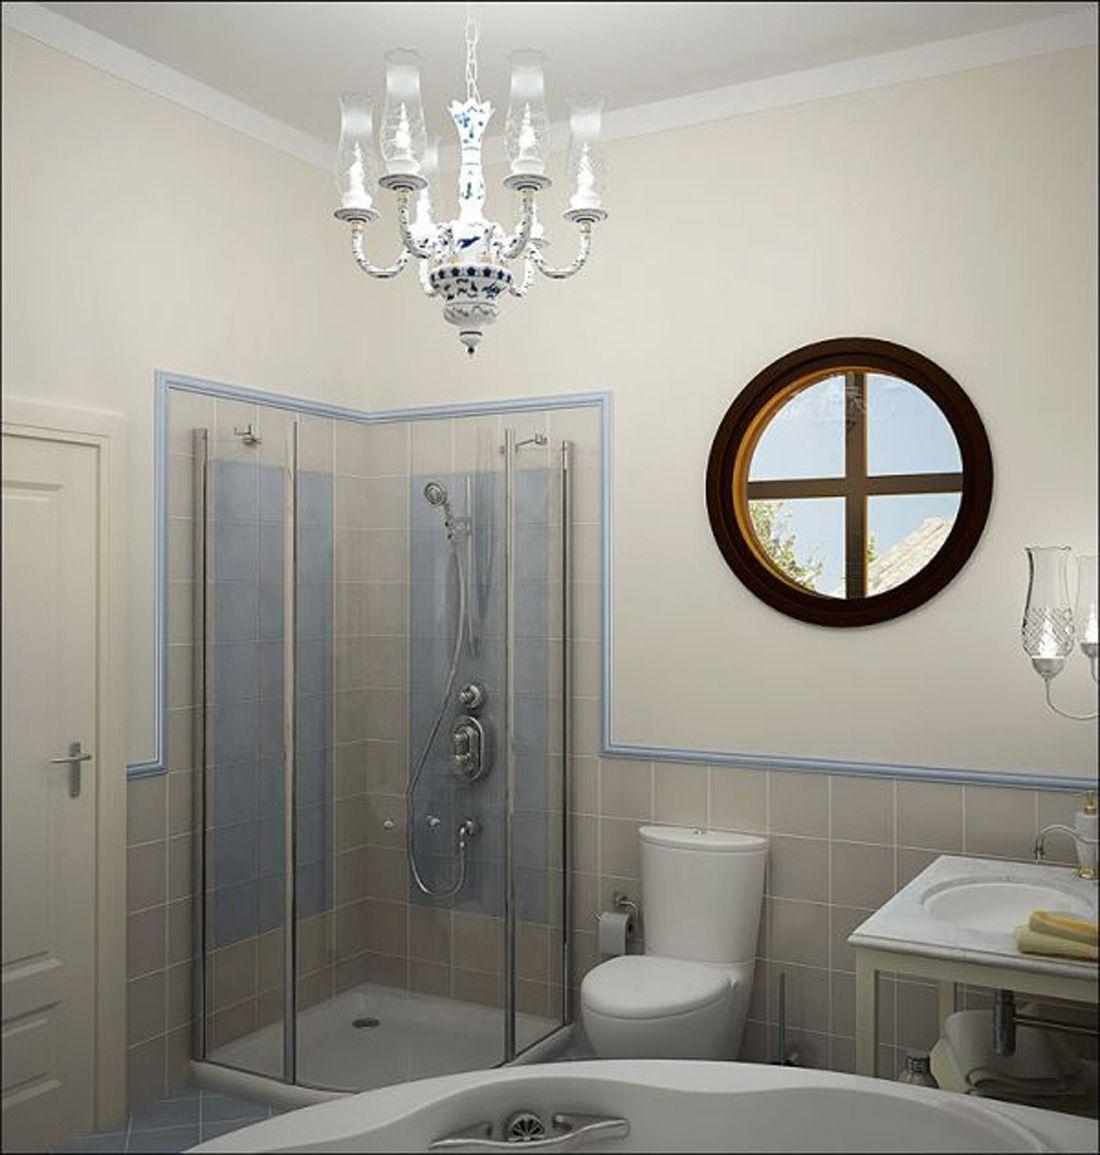 Badezimmer Fenster Ideen Kleine Bader Mit Bildern Badezimmer Klein Kleines Bad Mit Dusche Badezimmer Ohne Fenster